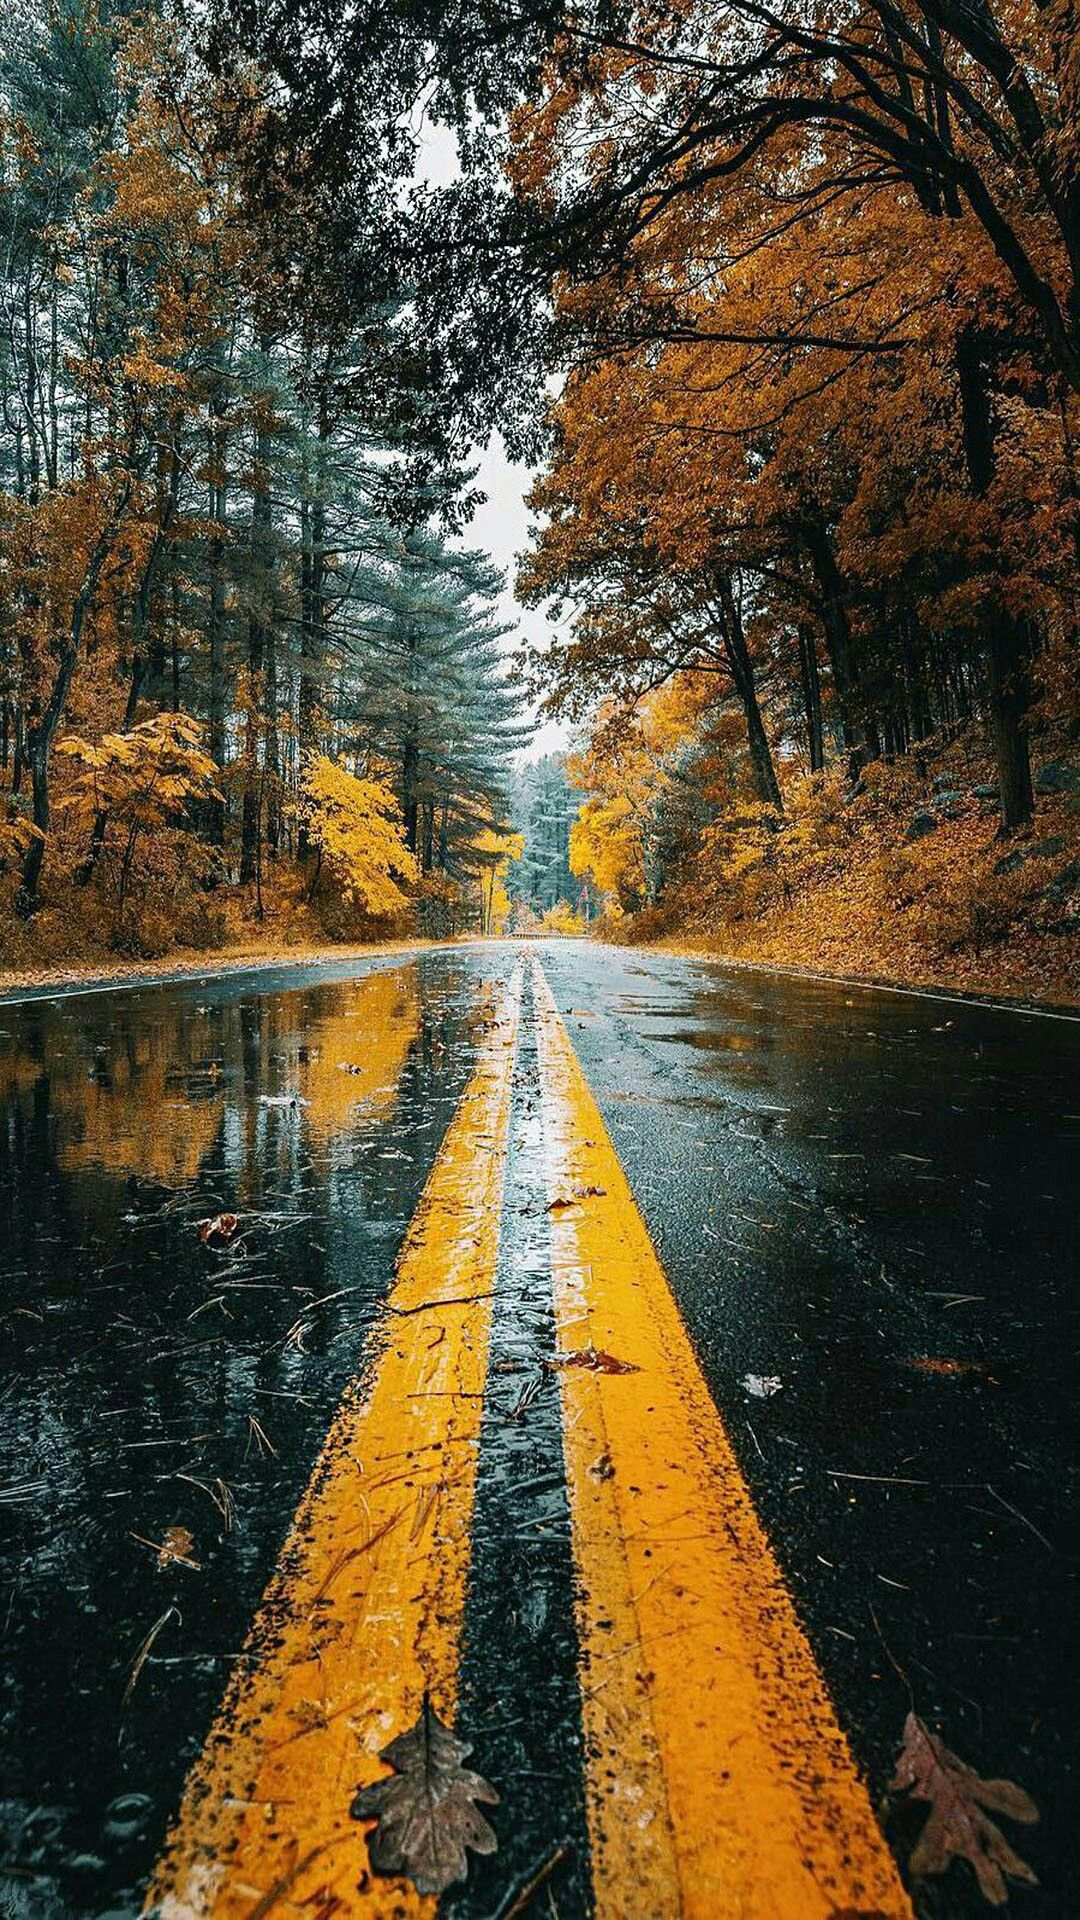 Amazing road beauty Wallpaper 4k | Fotos de fondo de ...